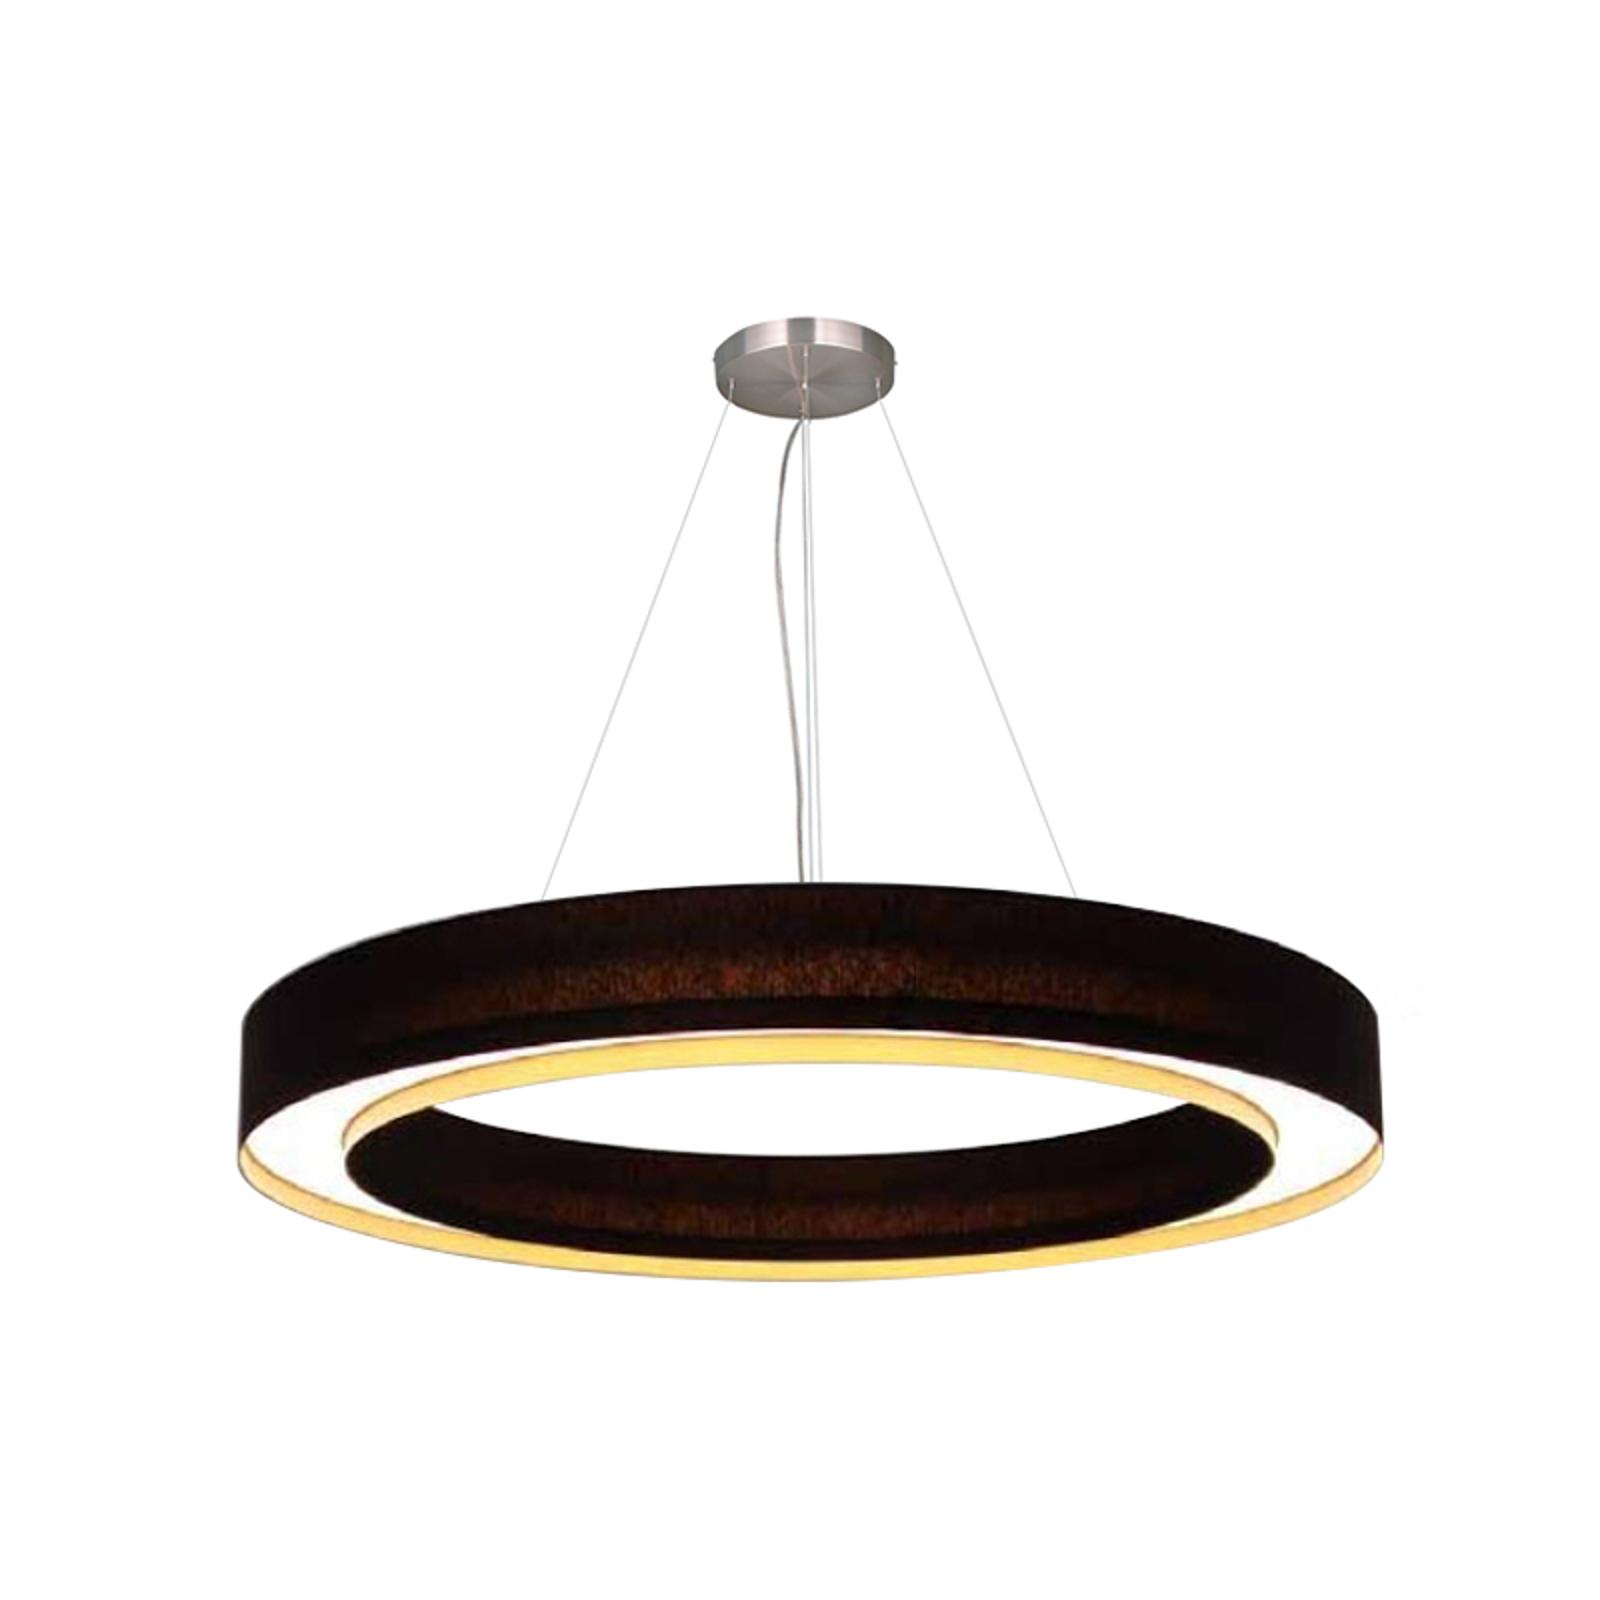 Lampa wisząca LED Cloud w formie pierścienia 48 cm